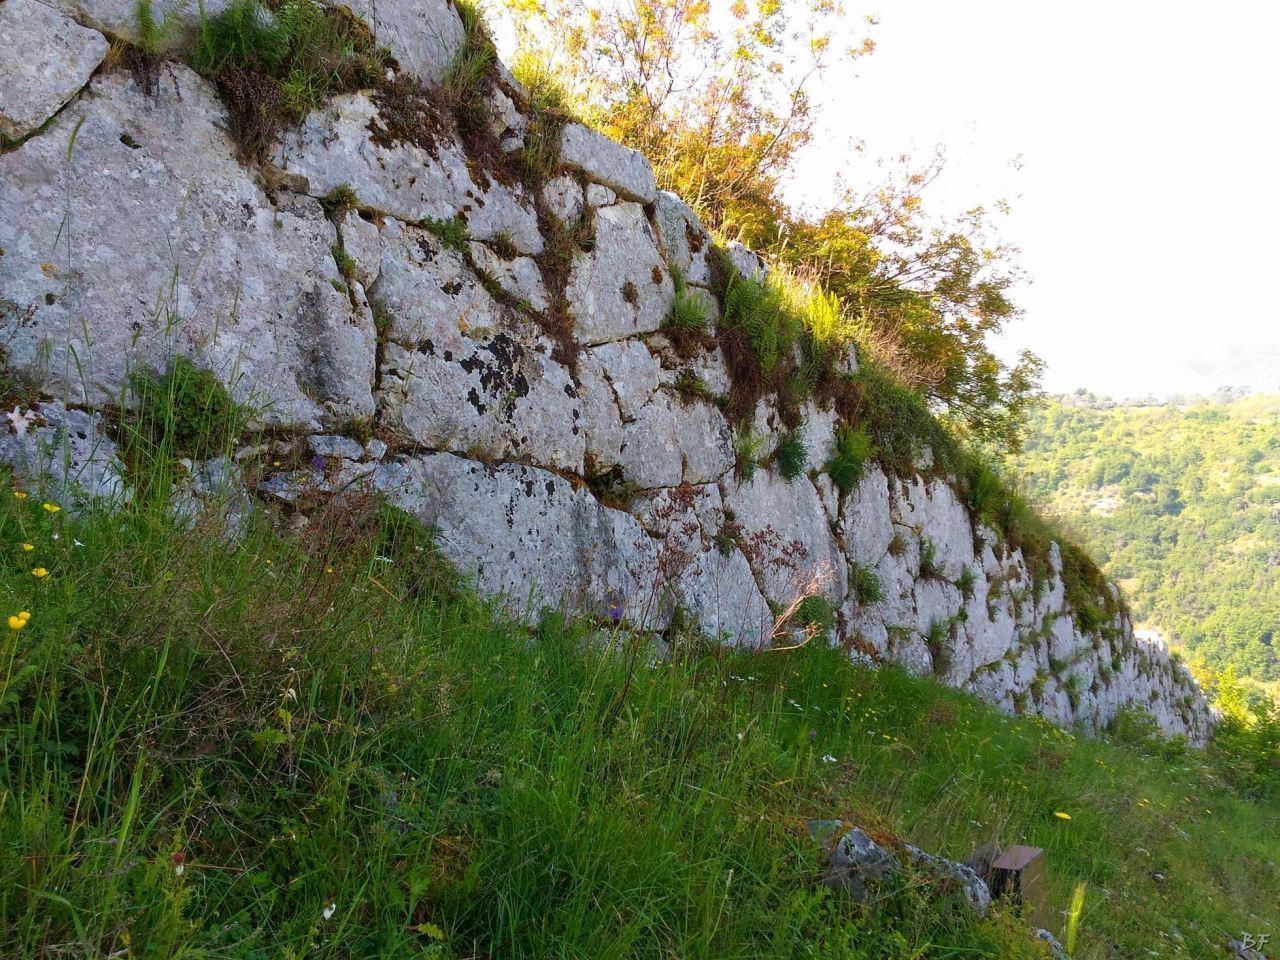 Signia-Mura-Poligonali-Megalitiche-Segni-Roma-Lazio-Italia-5